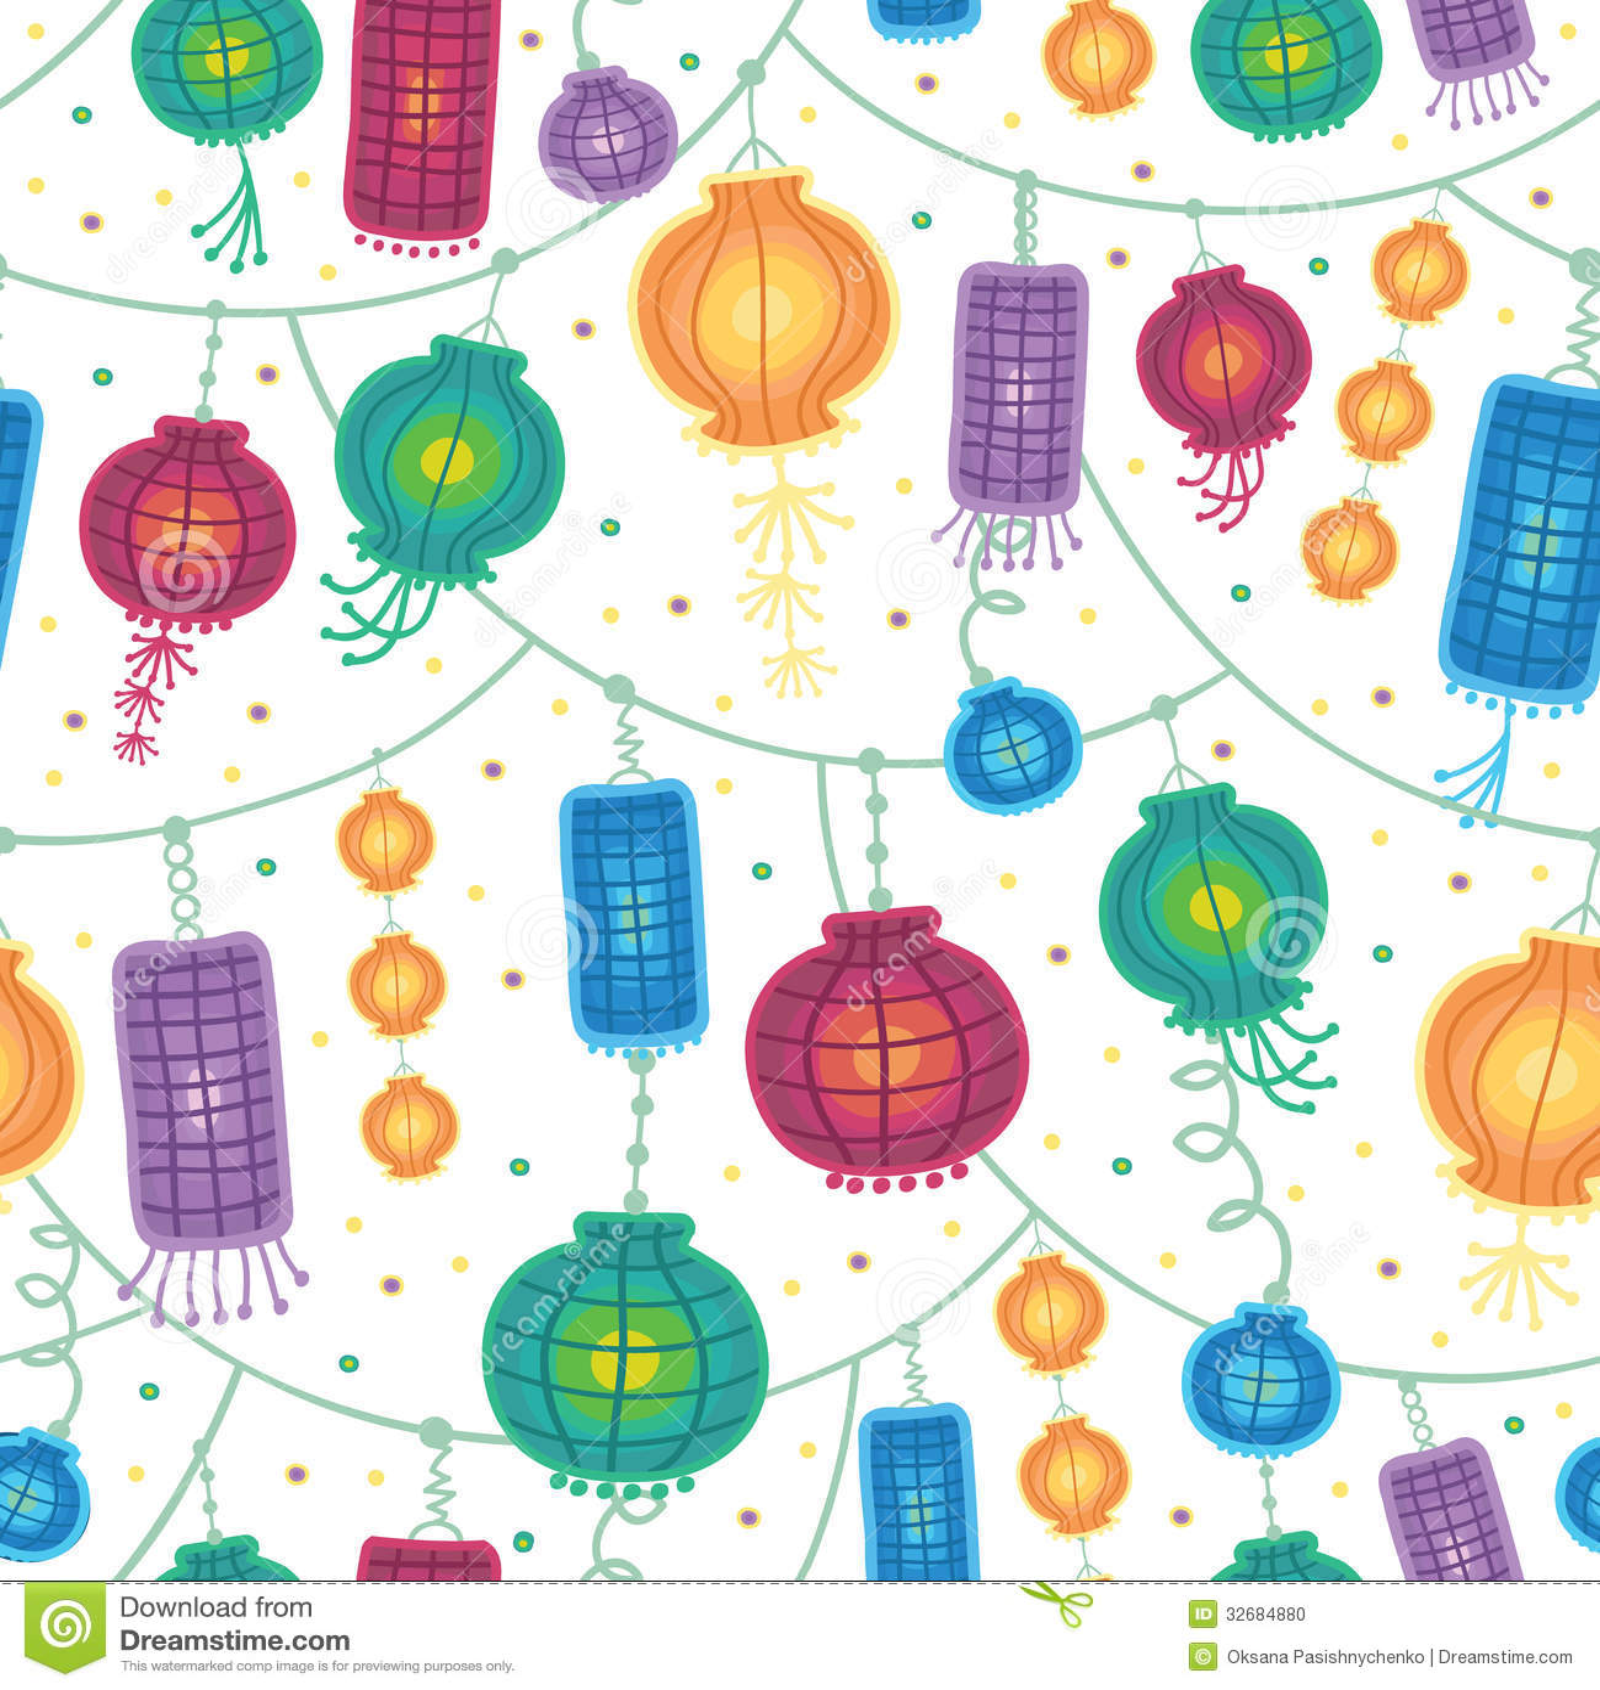 holiday lanterns seamless pattern